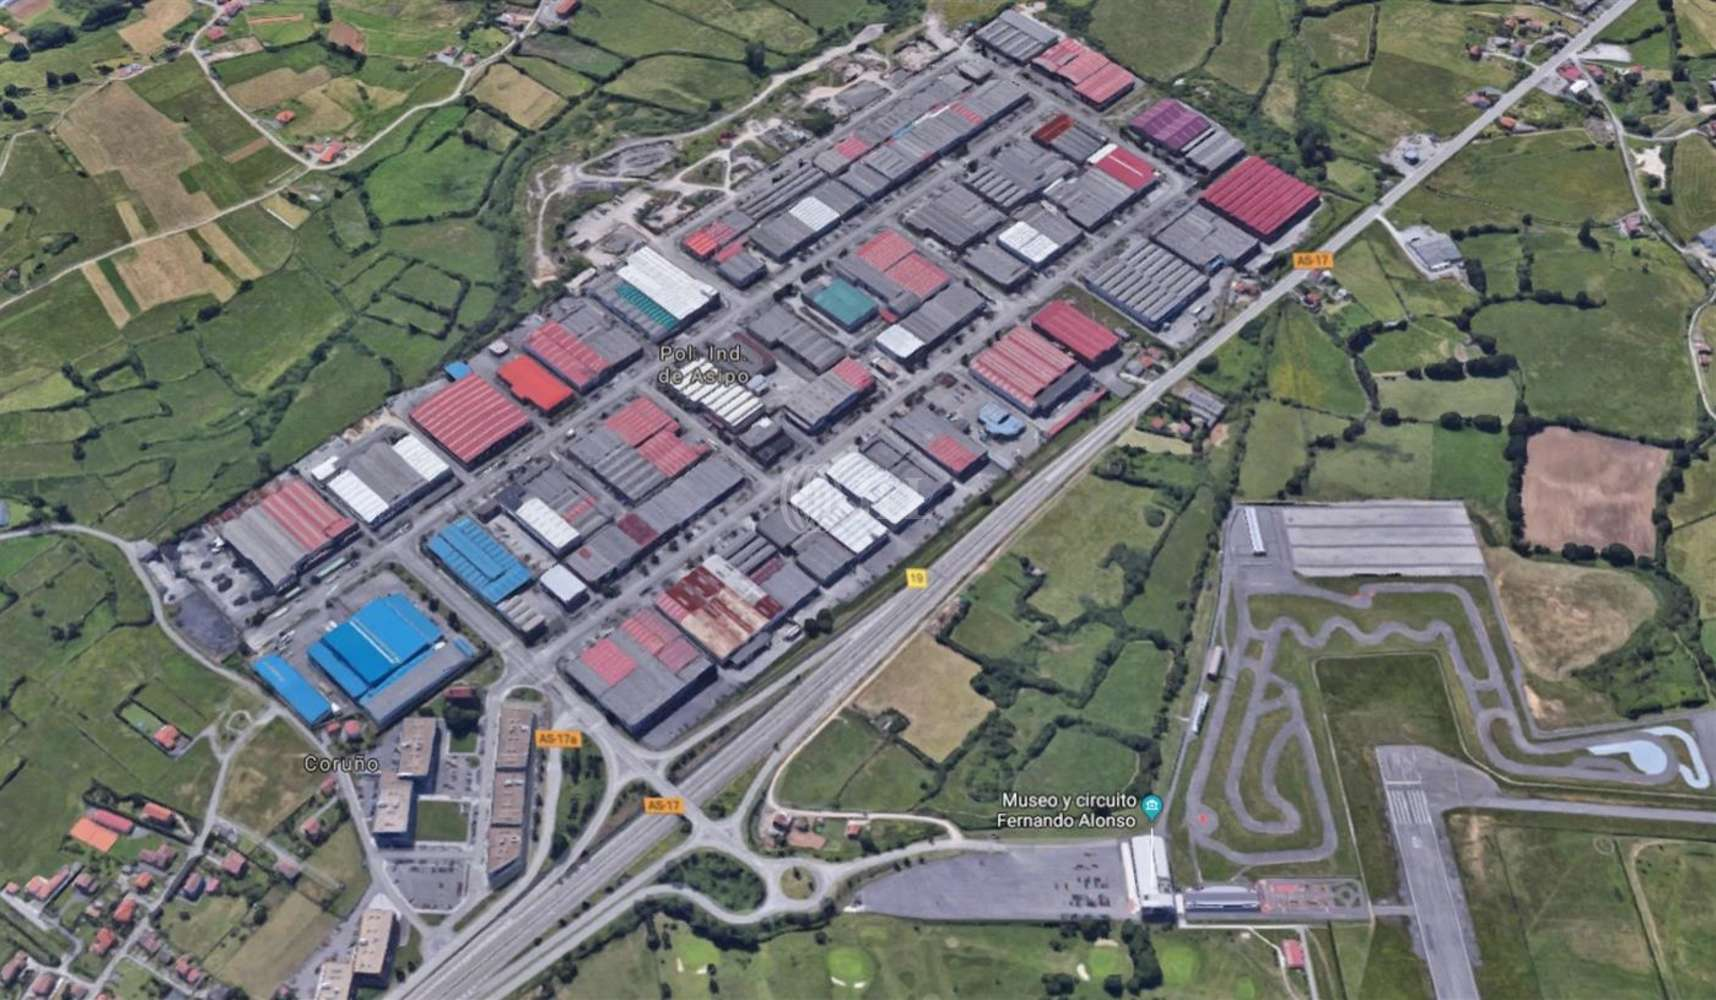 Naves industriales y logísticas Llanera, 33428 - Nave Industrial - B0505 Pol. Ind. ASIPO - LLANERA (Asturias) - 22432